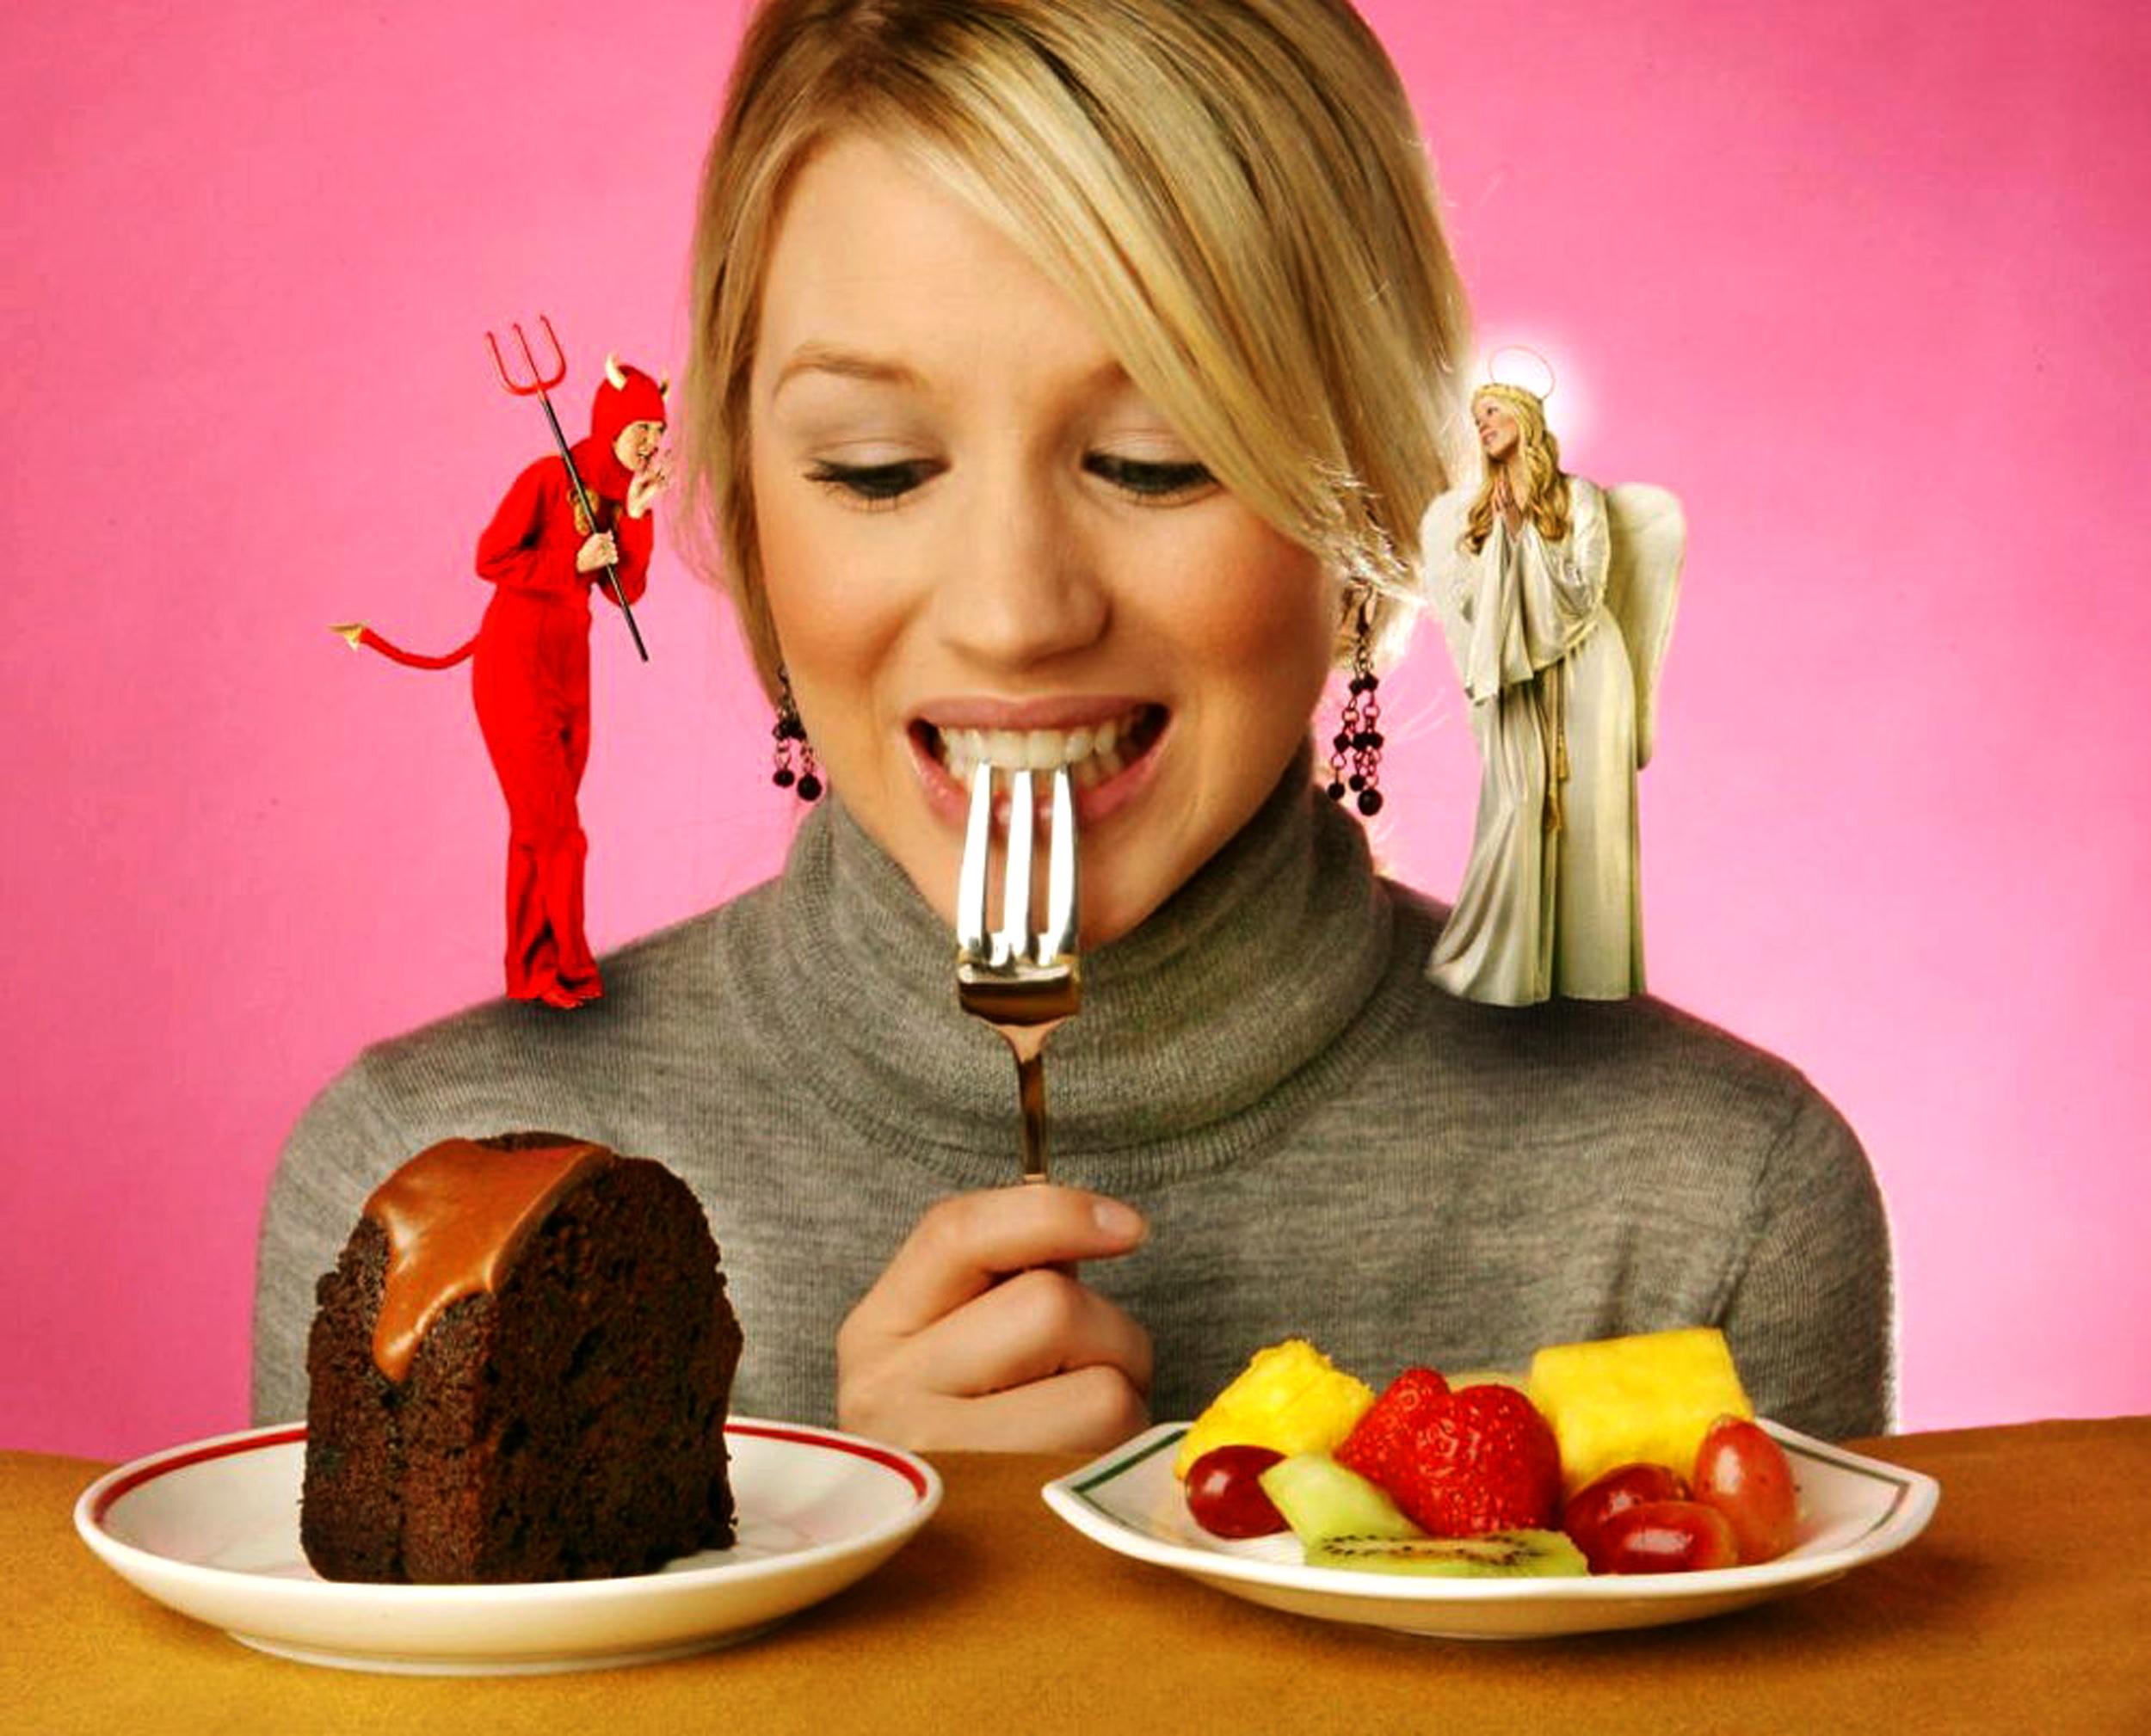 Быстрая диета для тех кто много пьет похудение с помощью упражнений отзывы